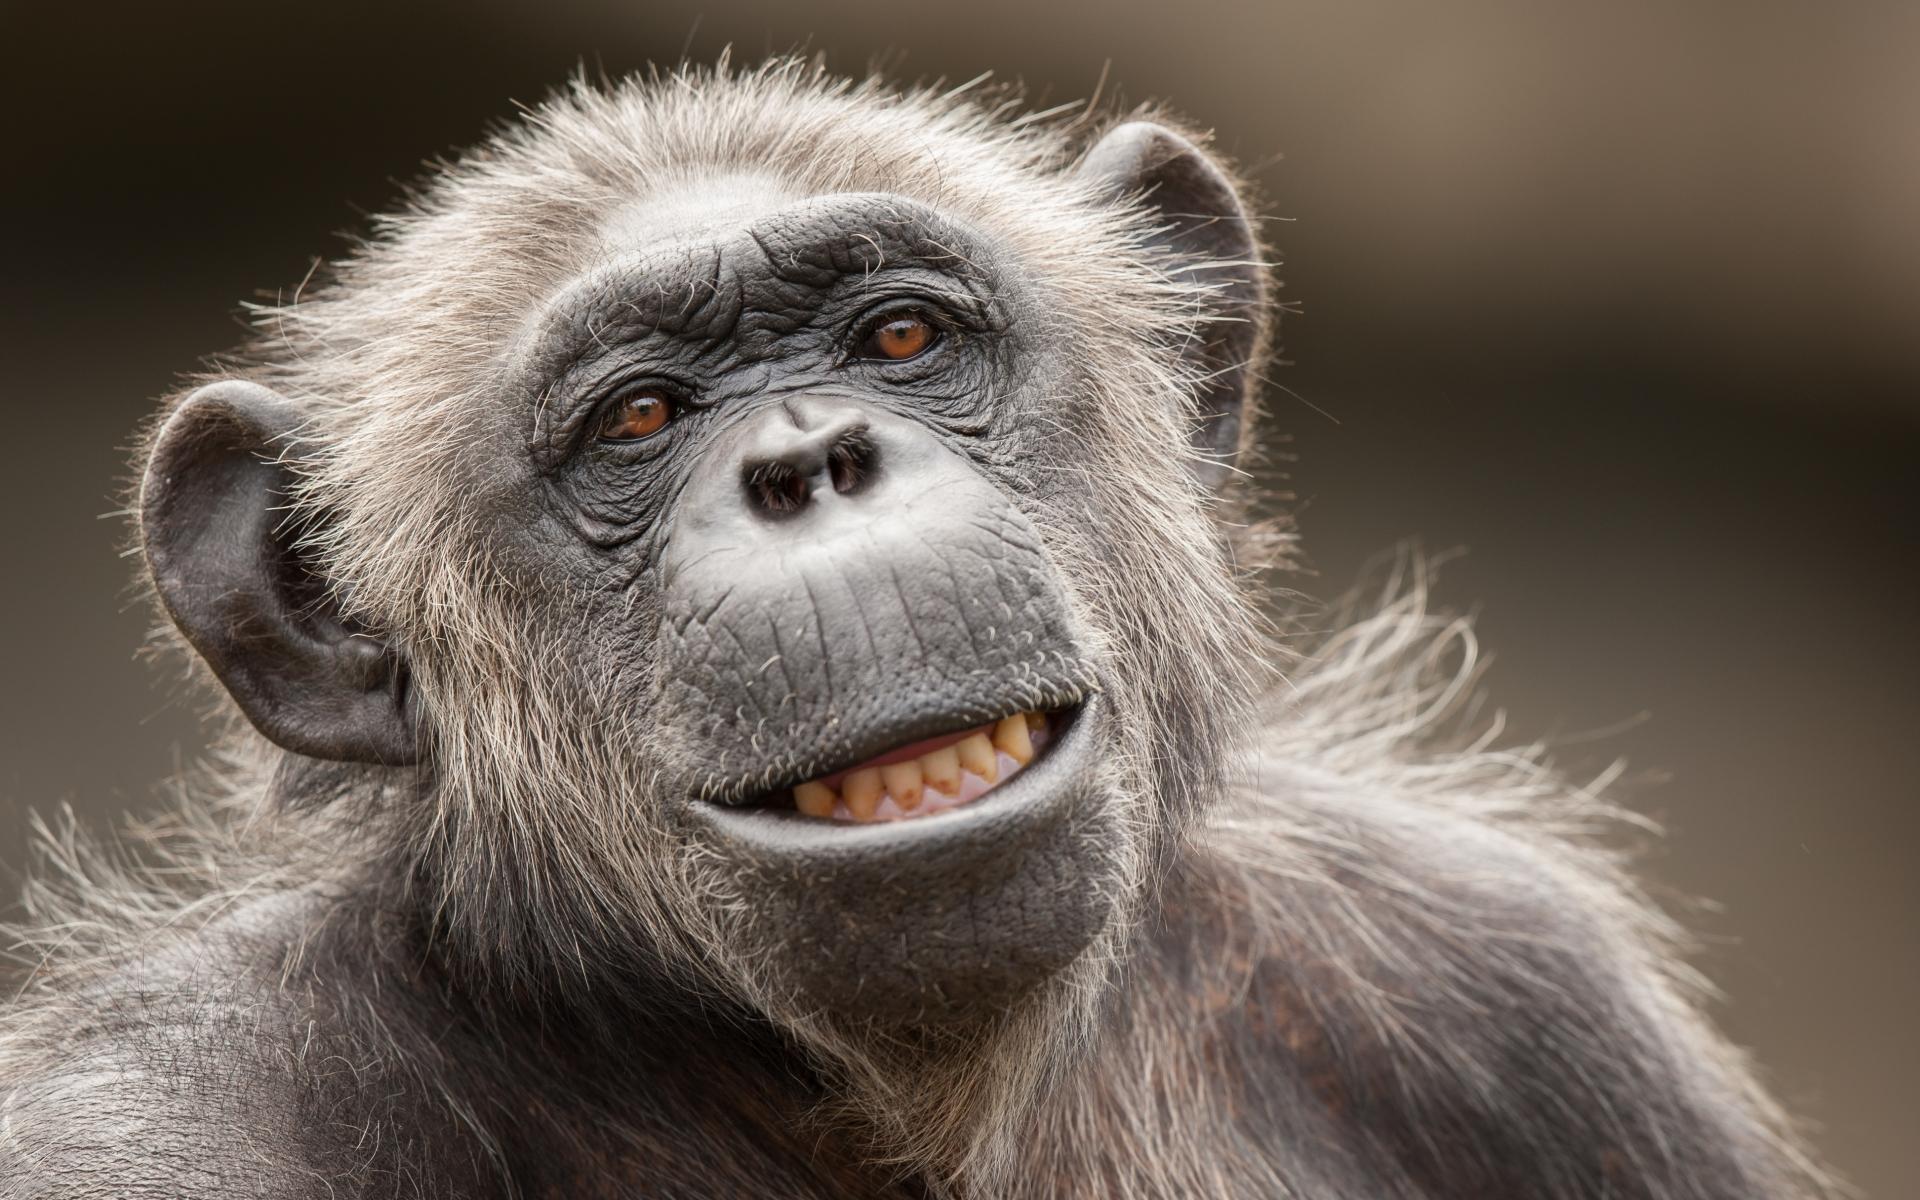 La cara de un chimpancé - 1920x1200